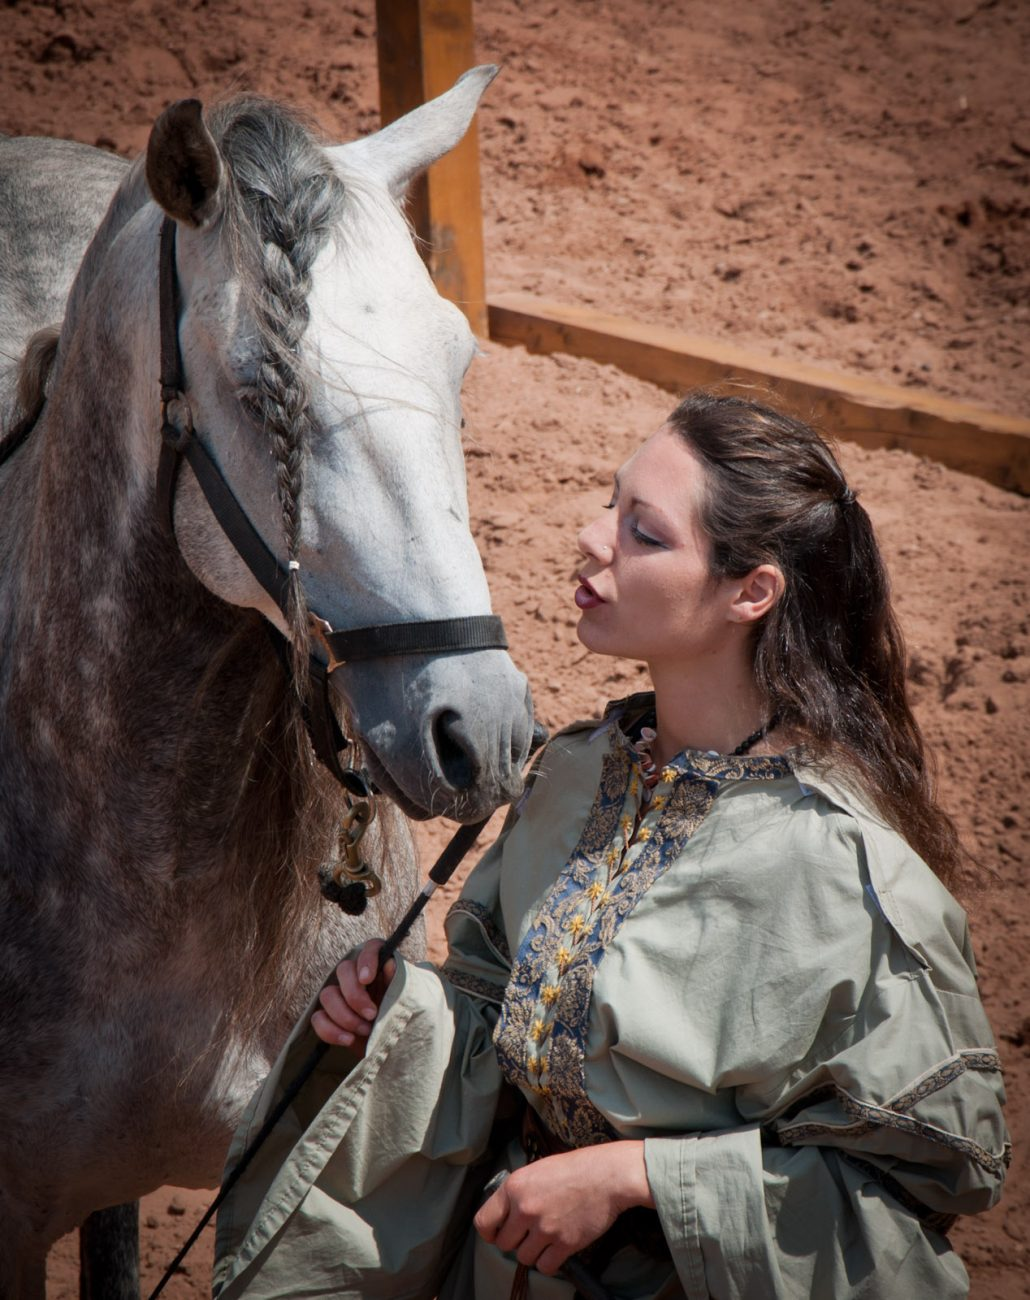 murmurer a l'oreille des chevaux